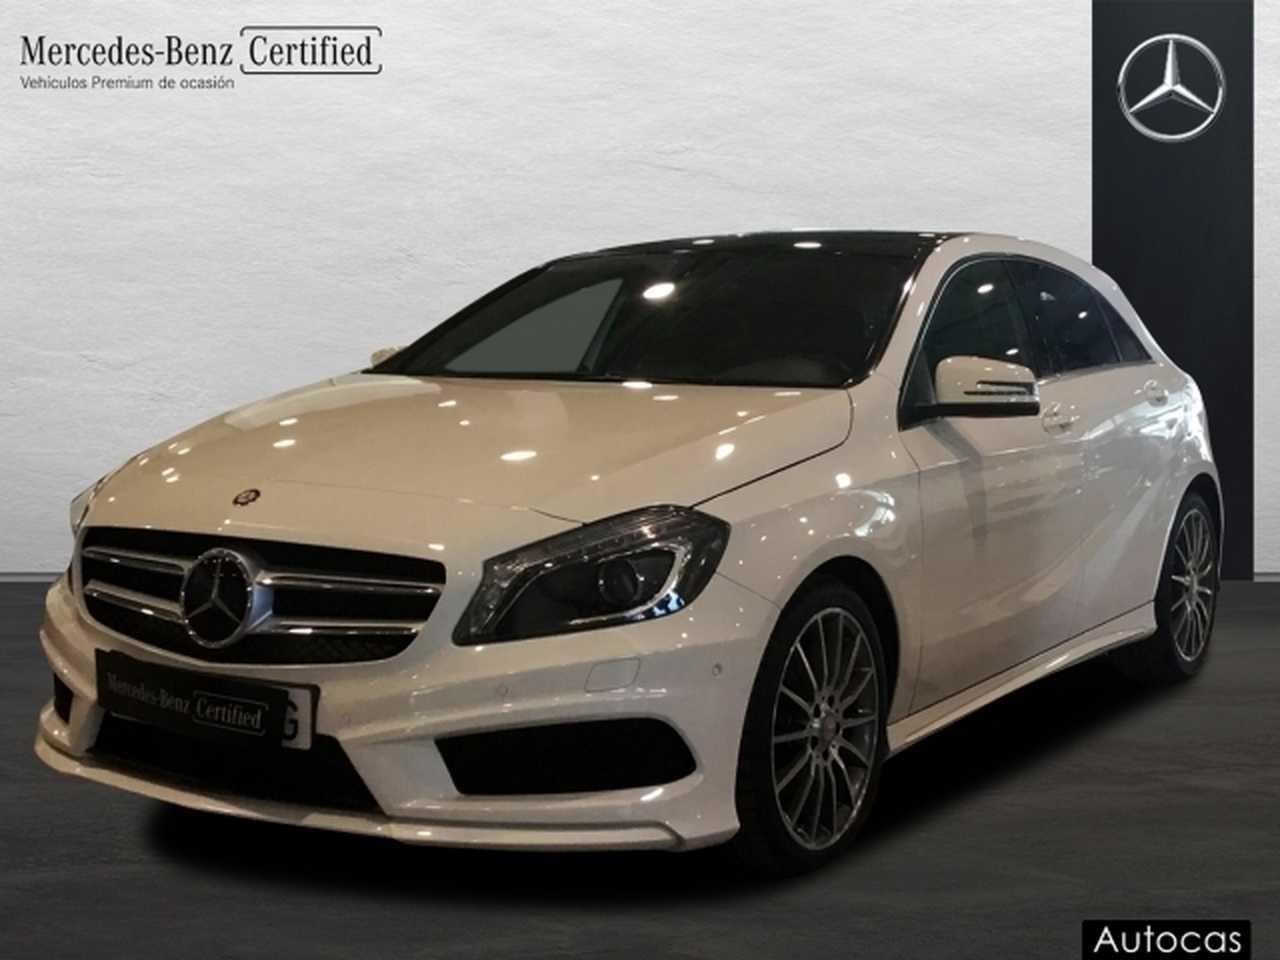 Mercedes Clase A 180 CDI AMG Line   - Foto 1